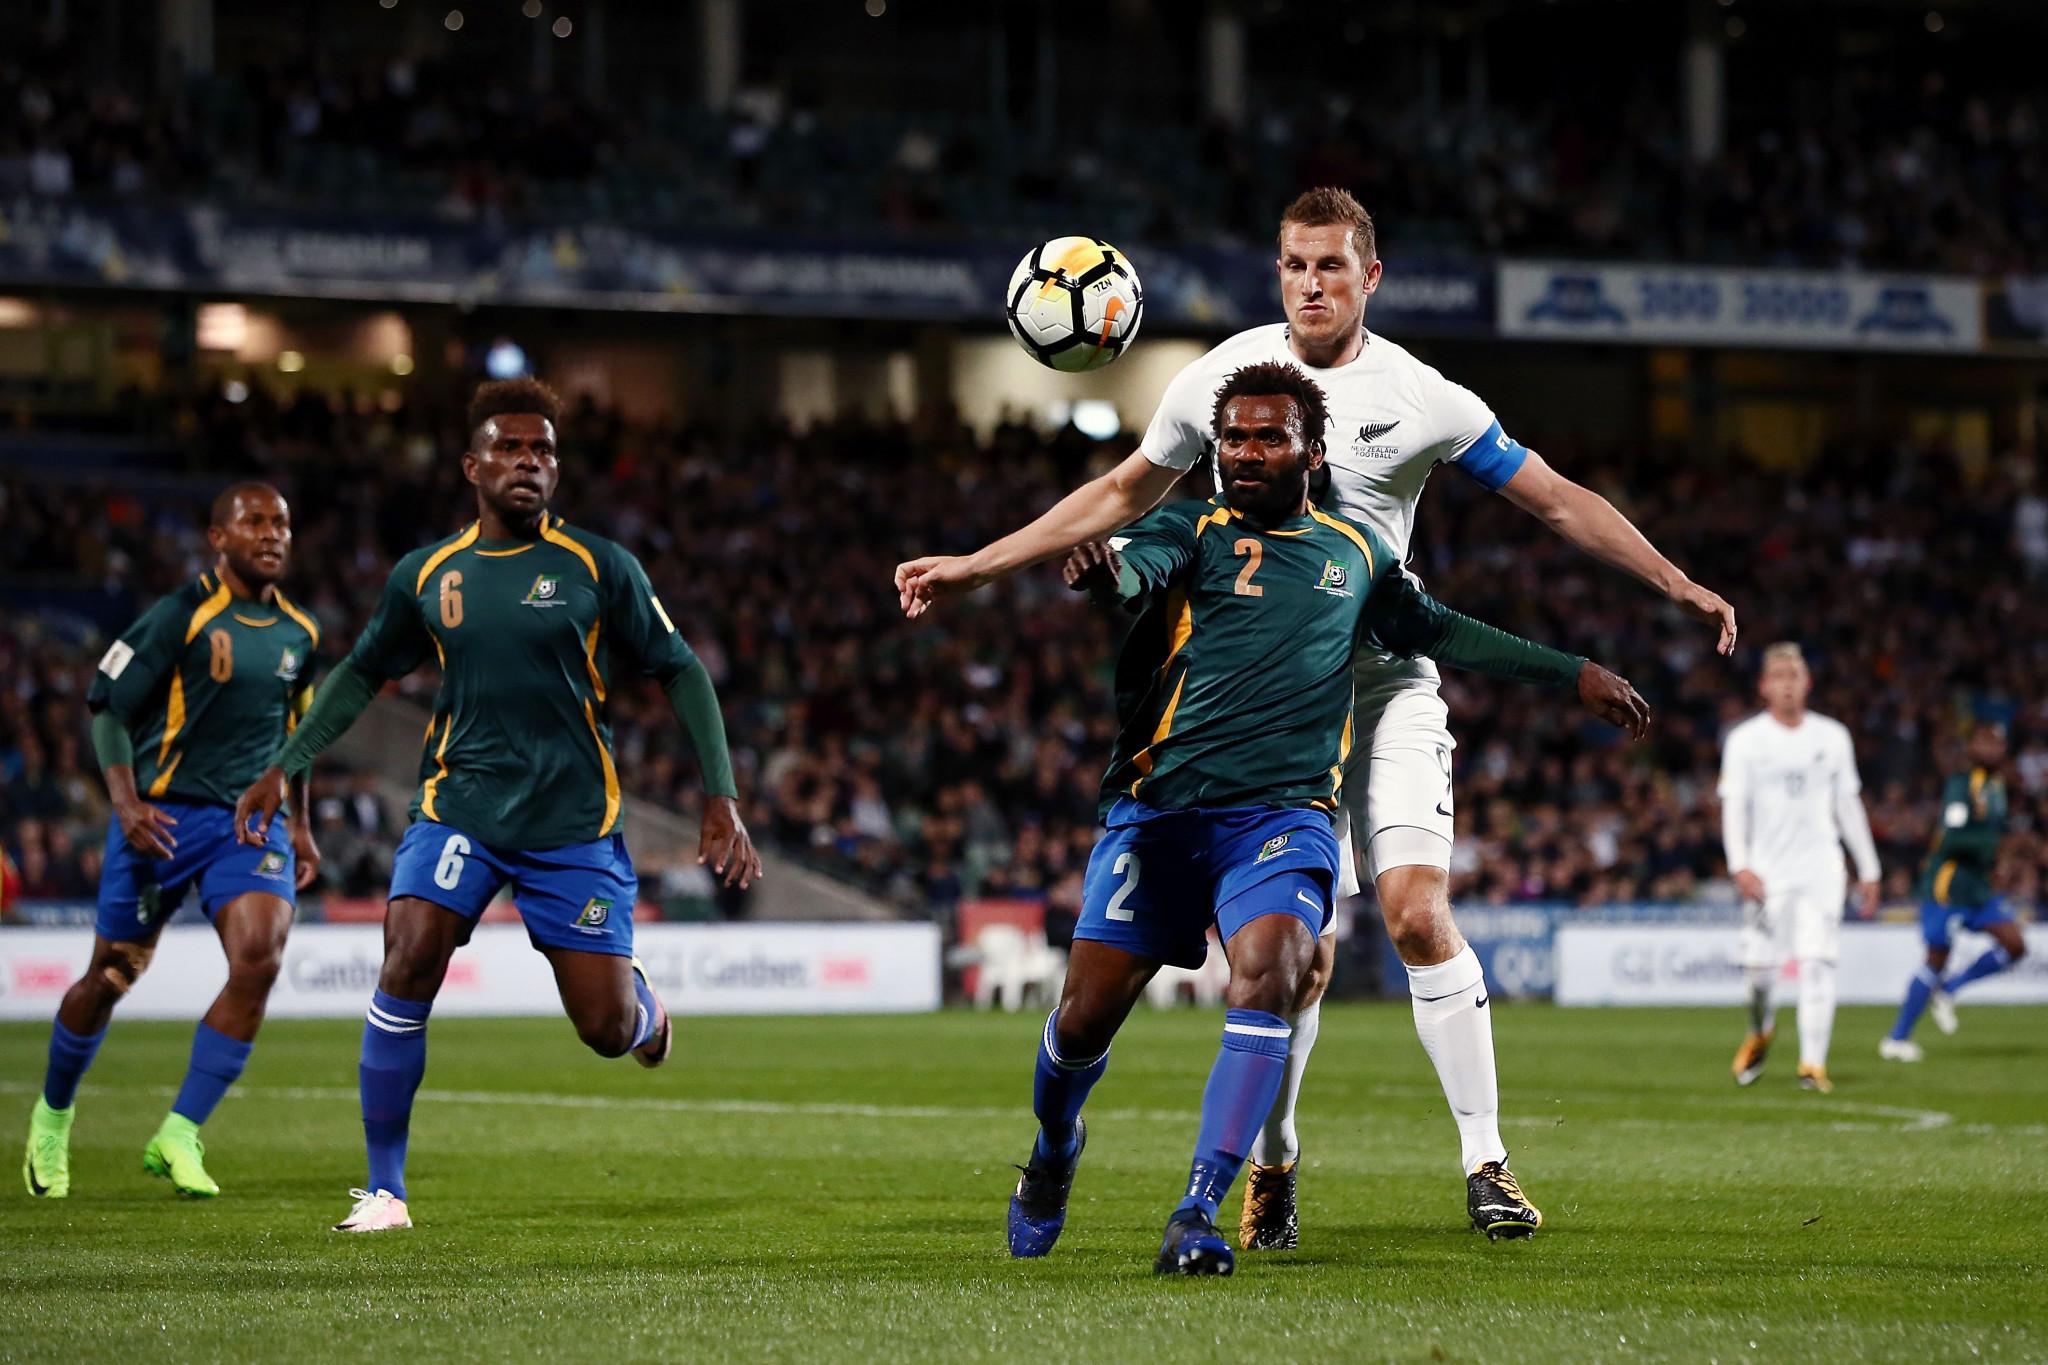 Durante su última etapa a cargo de las Islas Salomón en 2017, Felipe Vega Arango los llevó al playoff de la Copa del Mundo 2018, perdiendo a dos piernas ante Nueva Zelanda © Getty Images